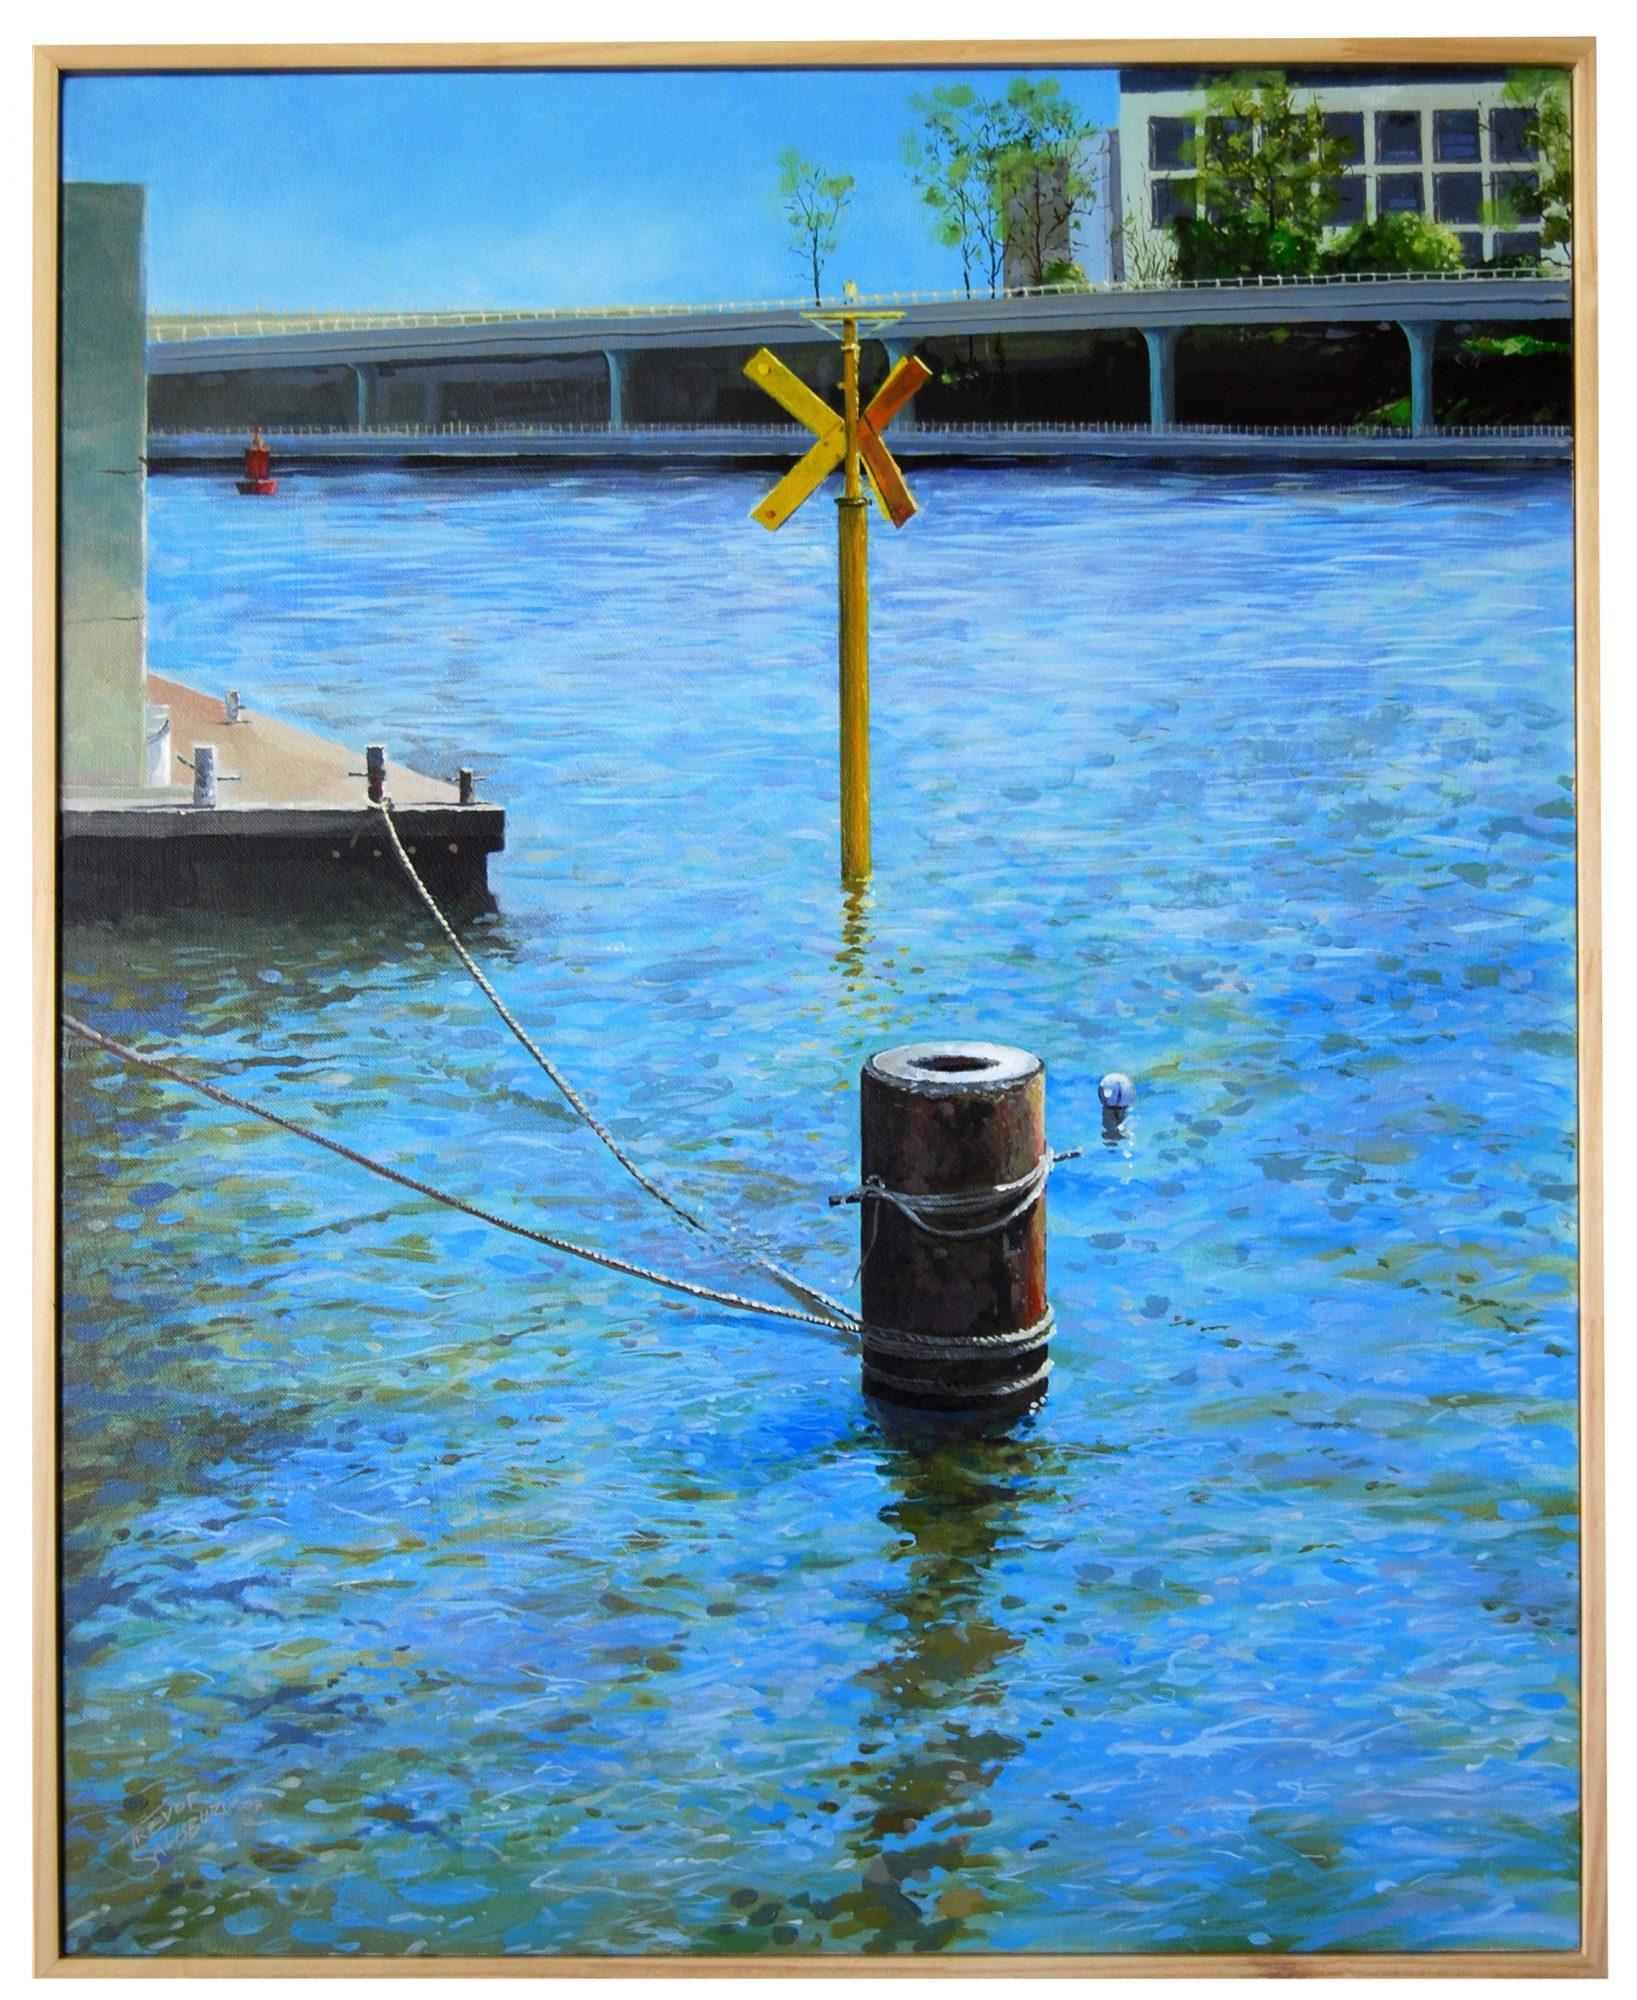 still-waters-of-restorationi